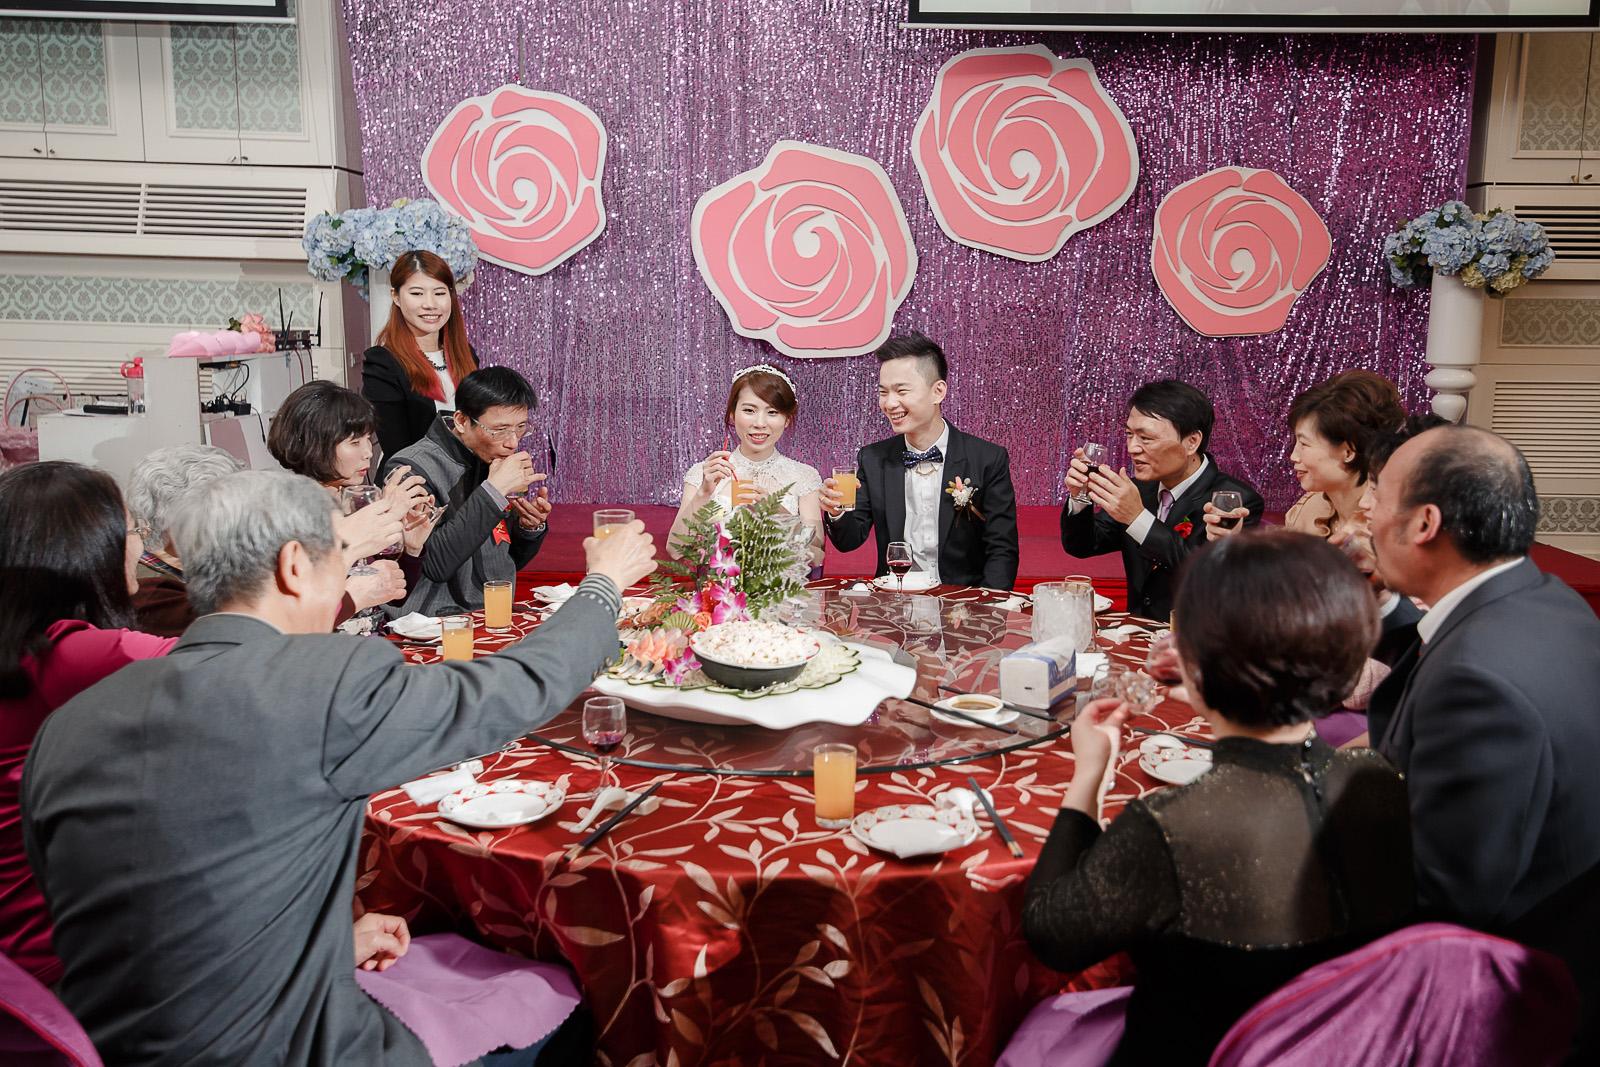 高雄圓山飯店,婚禮攝影,婚攝,高雄婚攝,優質婚攝推薦,Jen&Ethan-266